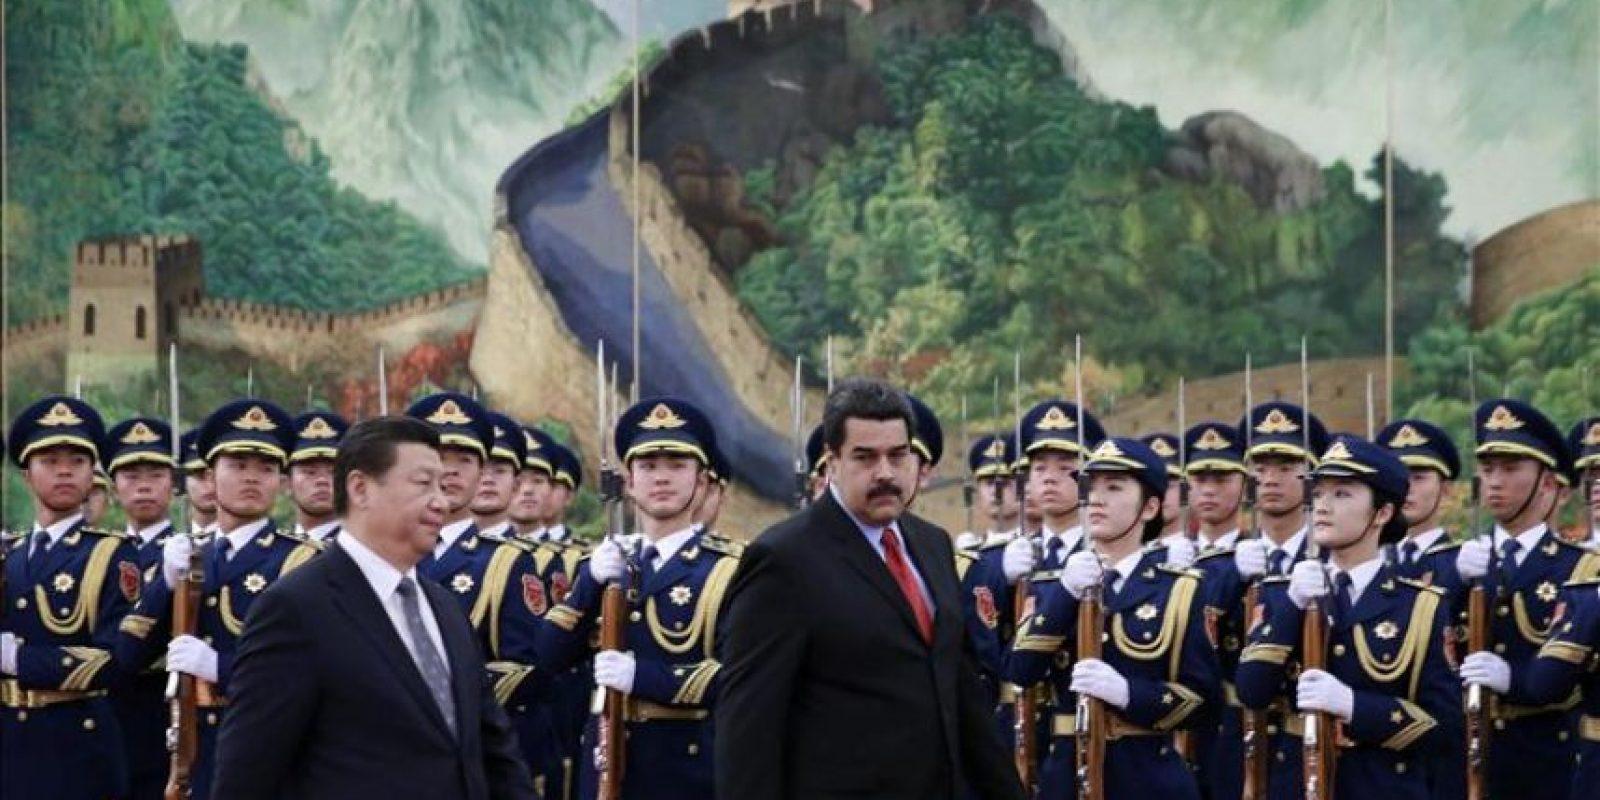 El presidente chino, Xi Jinping (izq), y su homólogo venezolano, Nicolás Maduro (dcha), pasan revista a la guardia de honor durante la ceremonia de bienvenida en el Gran Palacio del Pueblo de Pekín (China) hoy. EFE